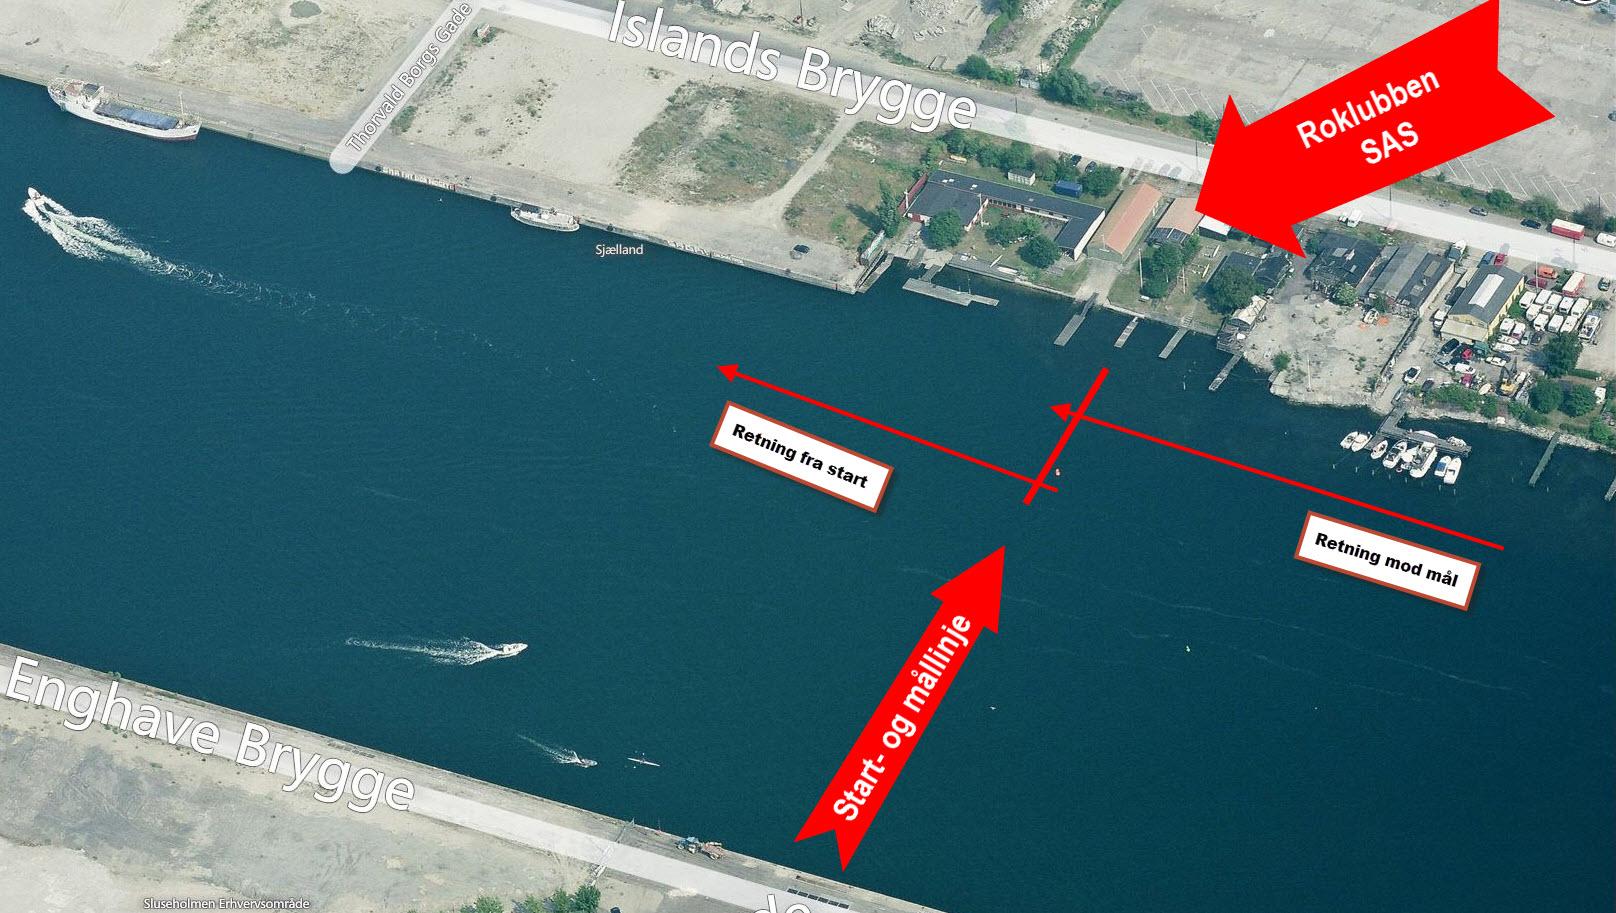 Oversigt over start- og målområde ved Roklubben SAS. Klik for større billede.